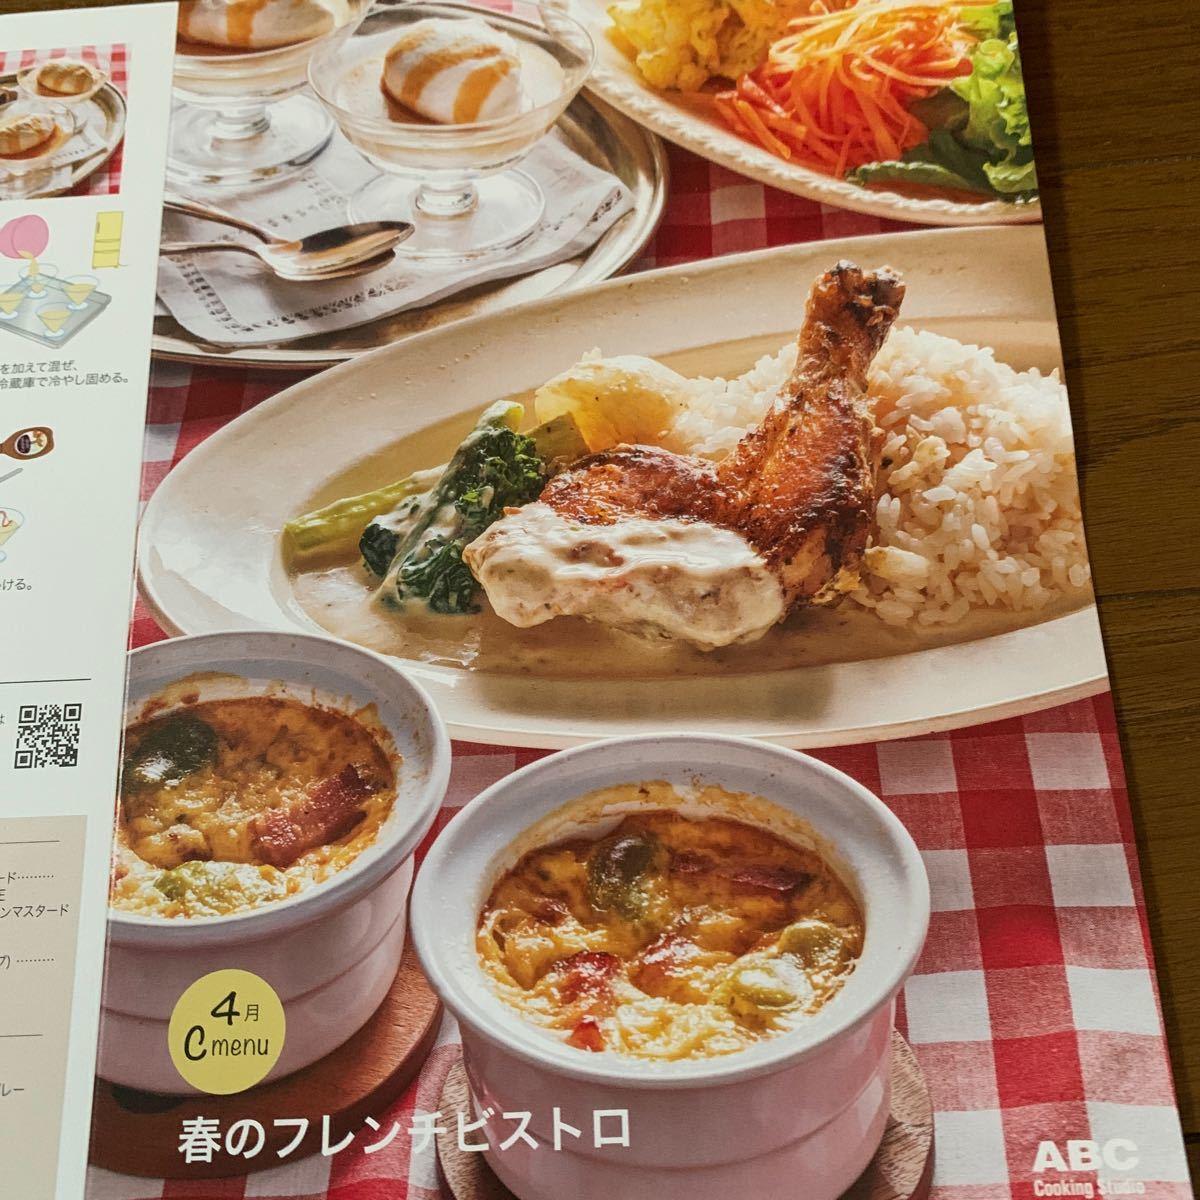 ABCクッキングレシピ料理